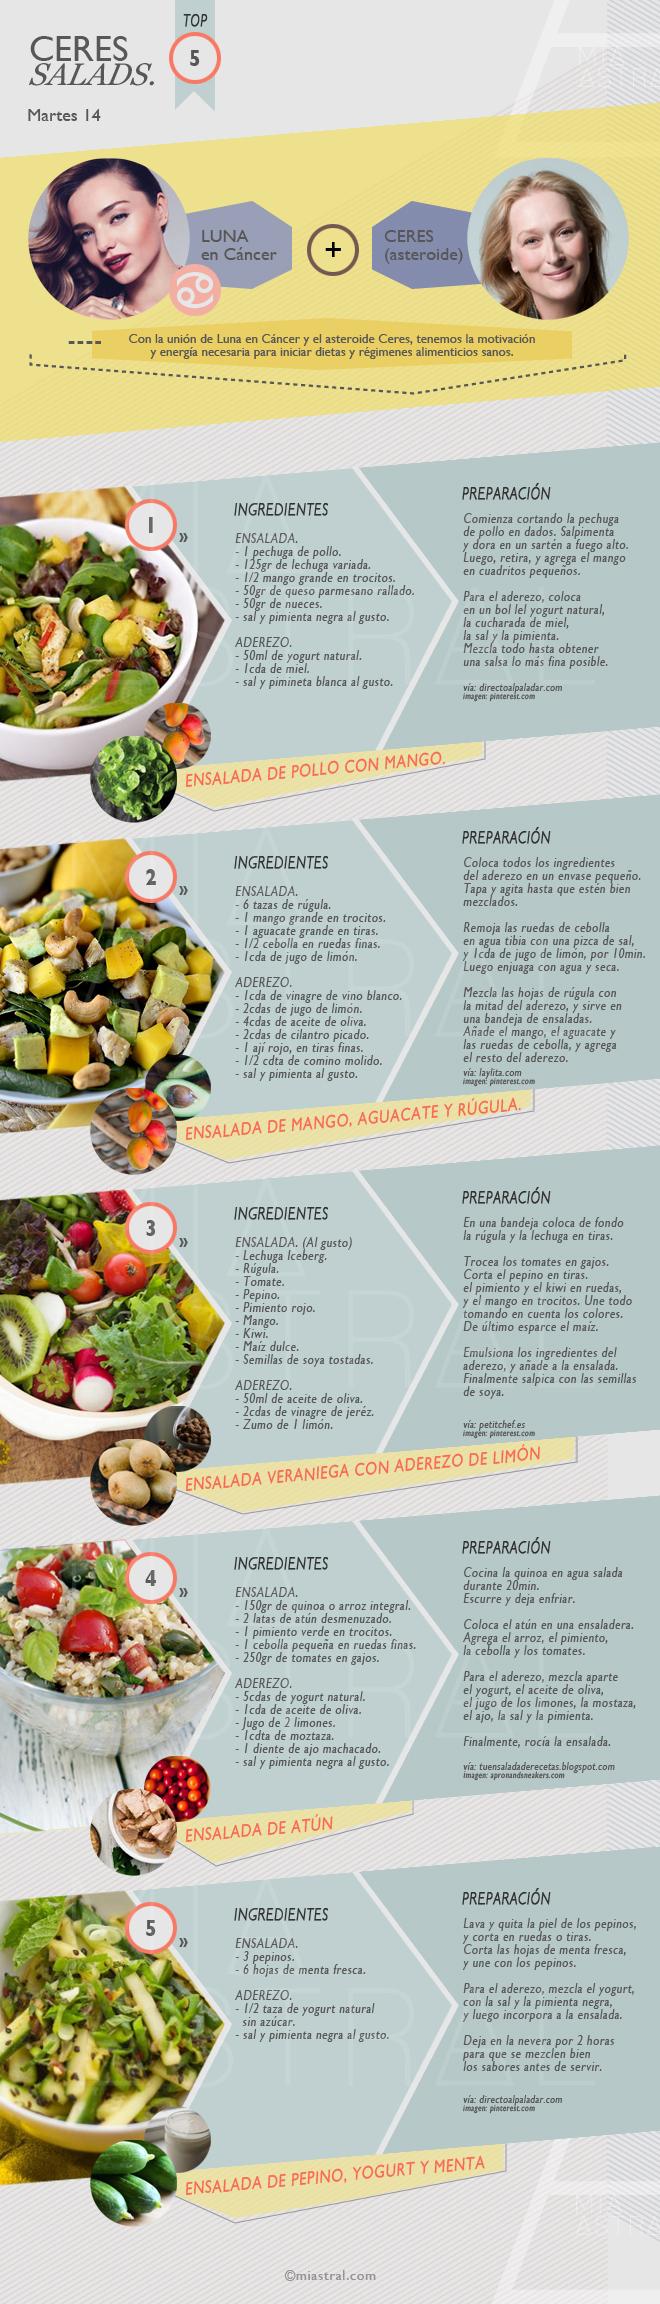 Top 5 Ceres Salads